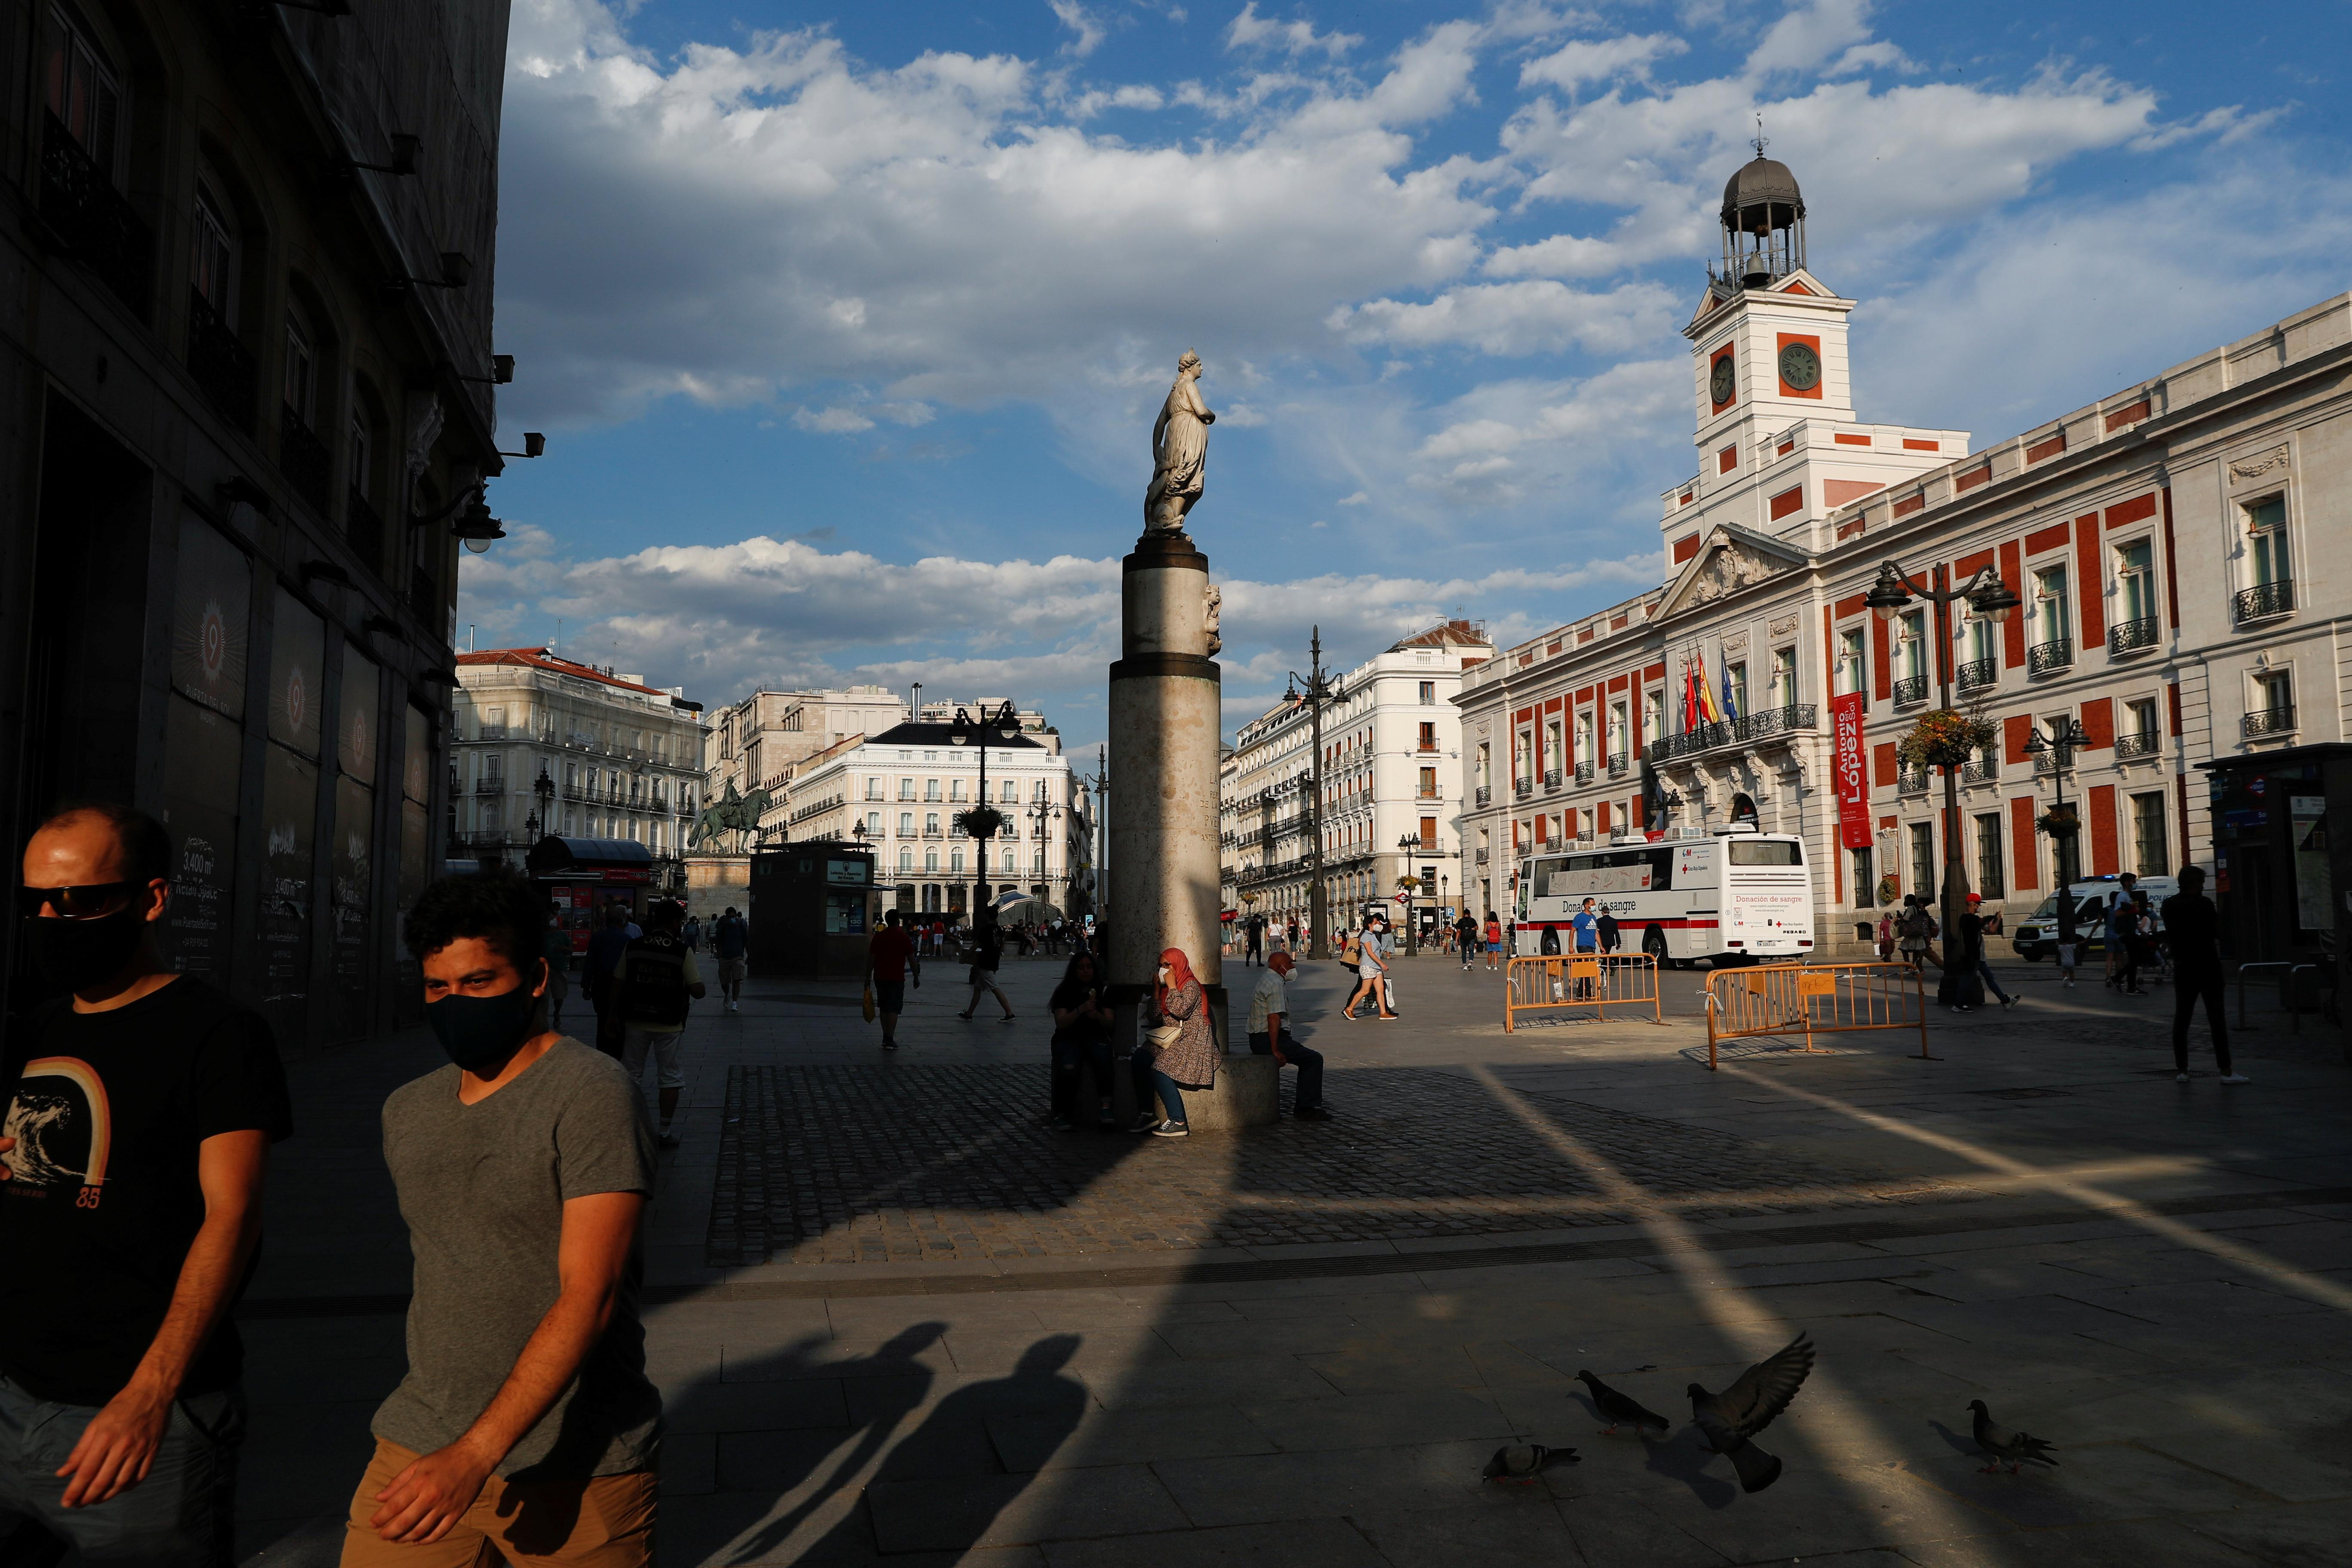 People hang out at Madrid's landmark Puerta del Sol square, Spain, June 7, 2021. REUTERS/Susana Vera